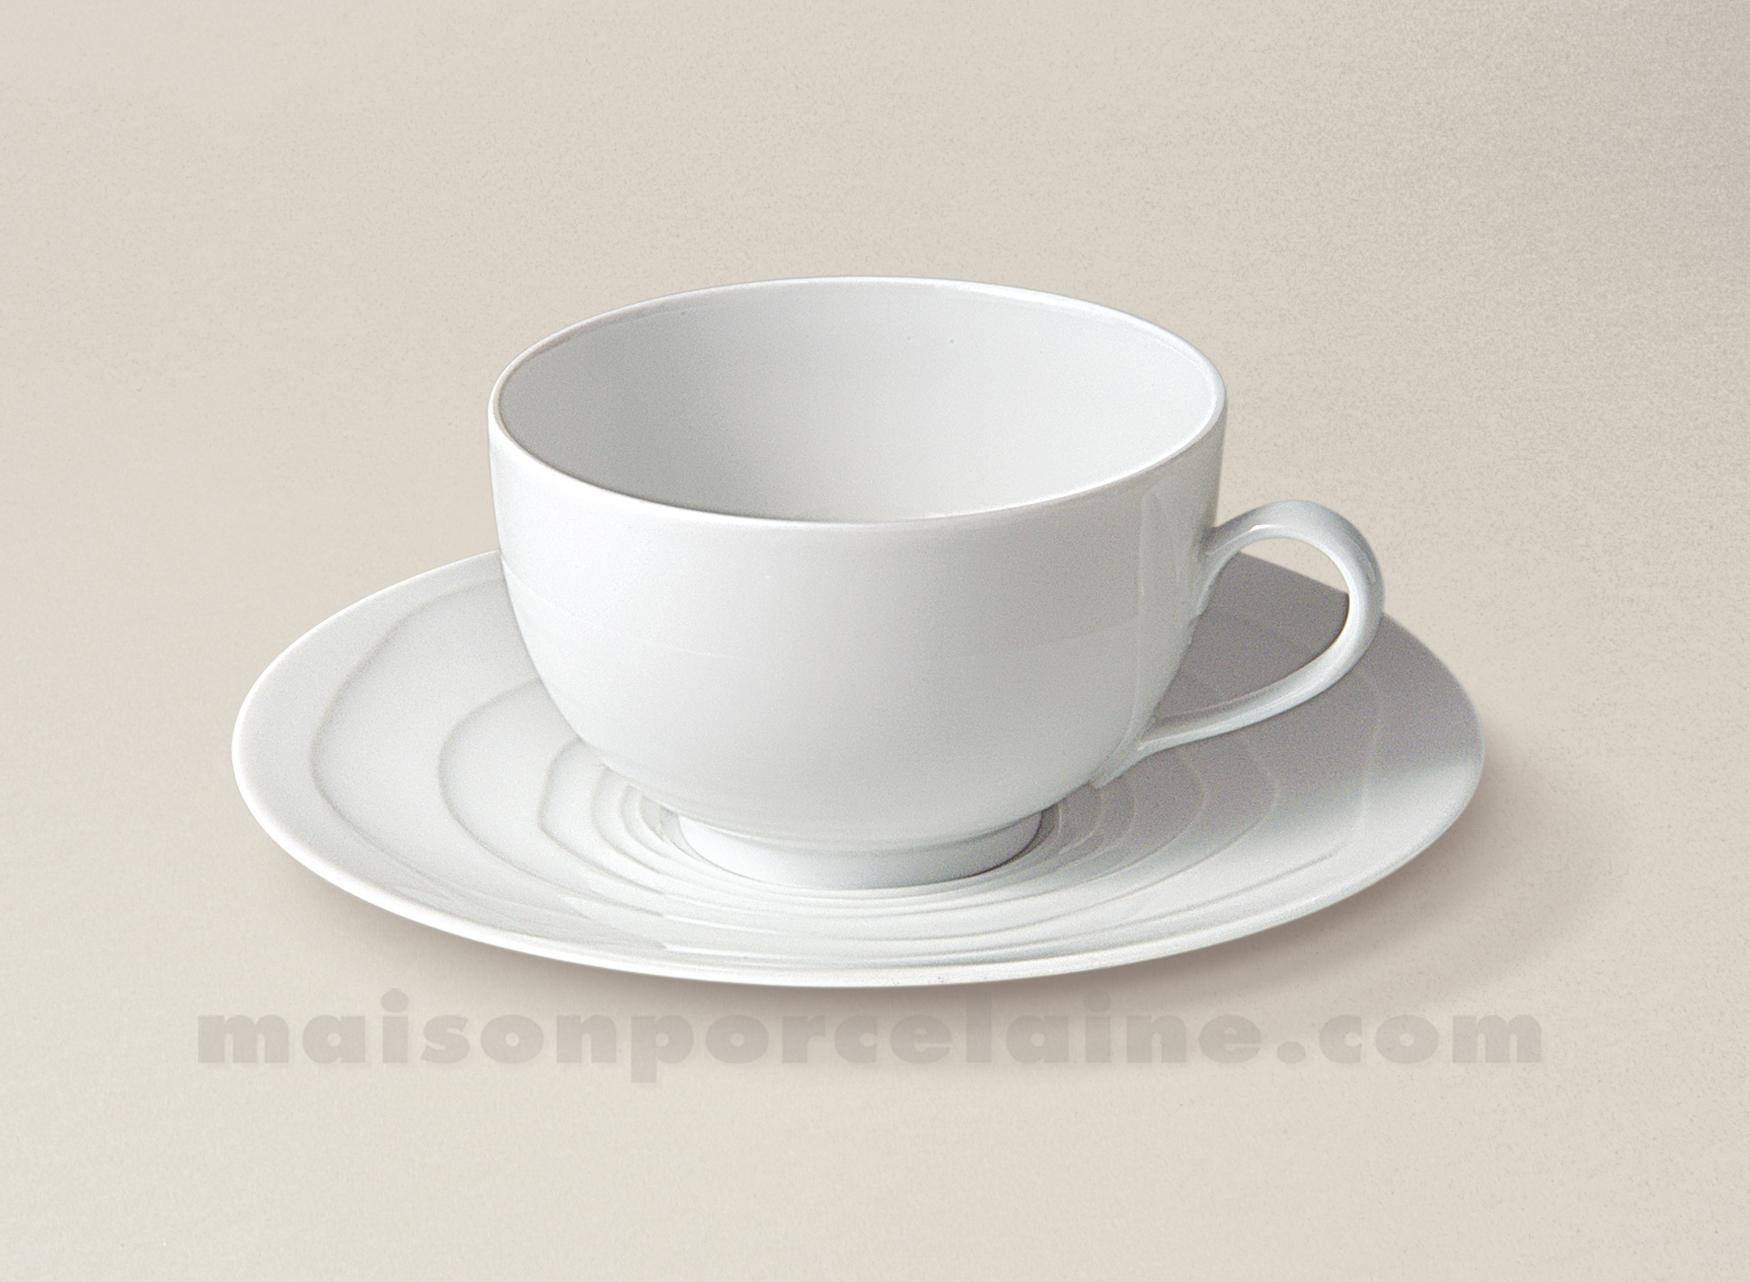 Tasse the soucoupe limoges porcelaine blanche onde gravee - La maison de porcelaine ...